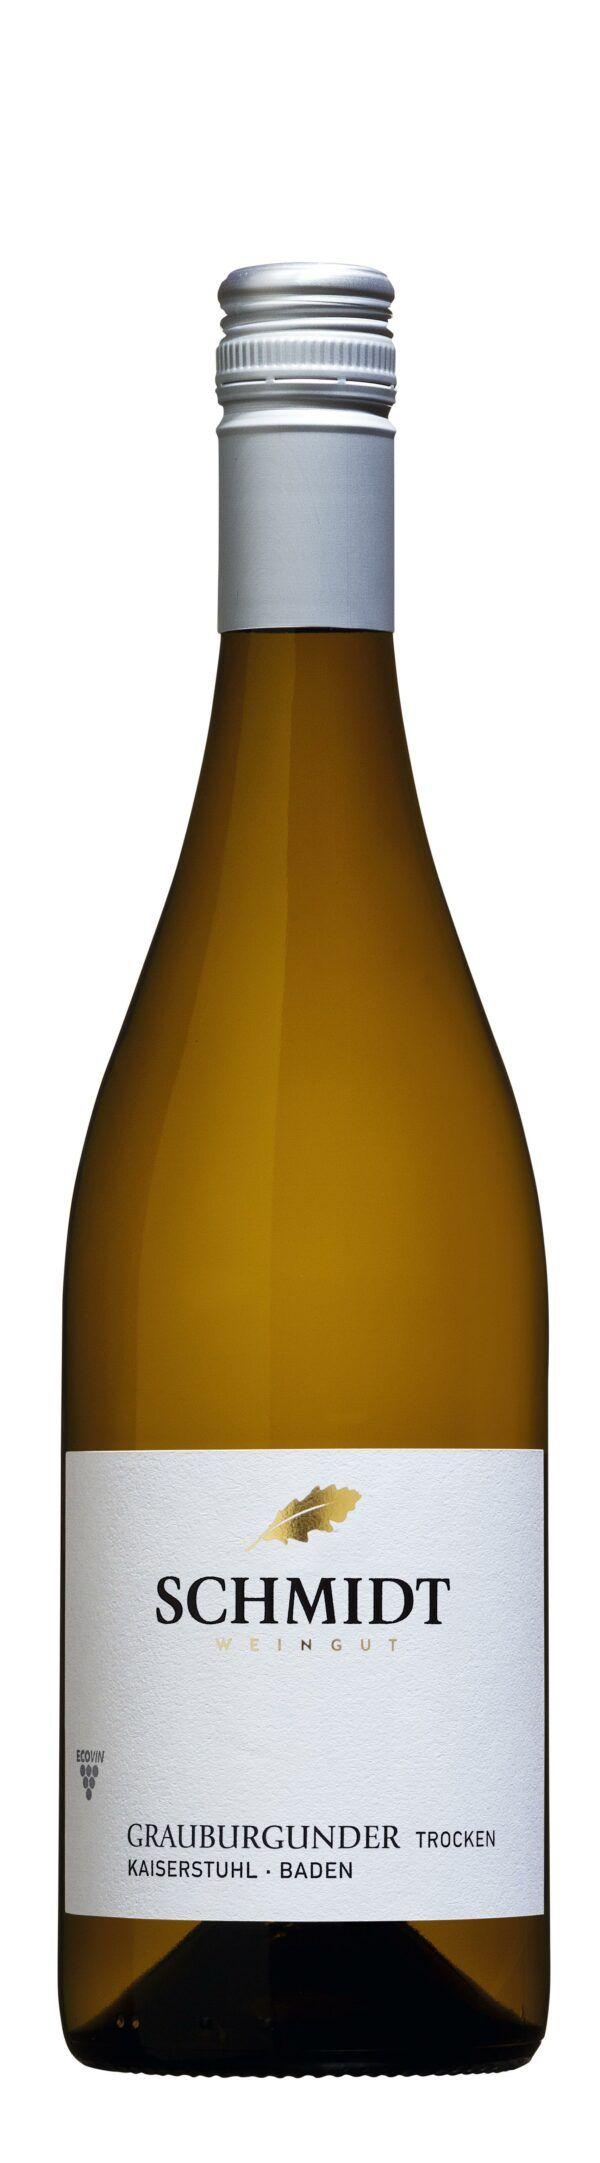 Ökologisches Weingut Schmidt Grauburgunder QbA Trocken Lagenwein 0,75l